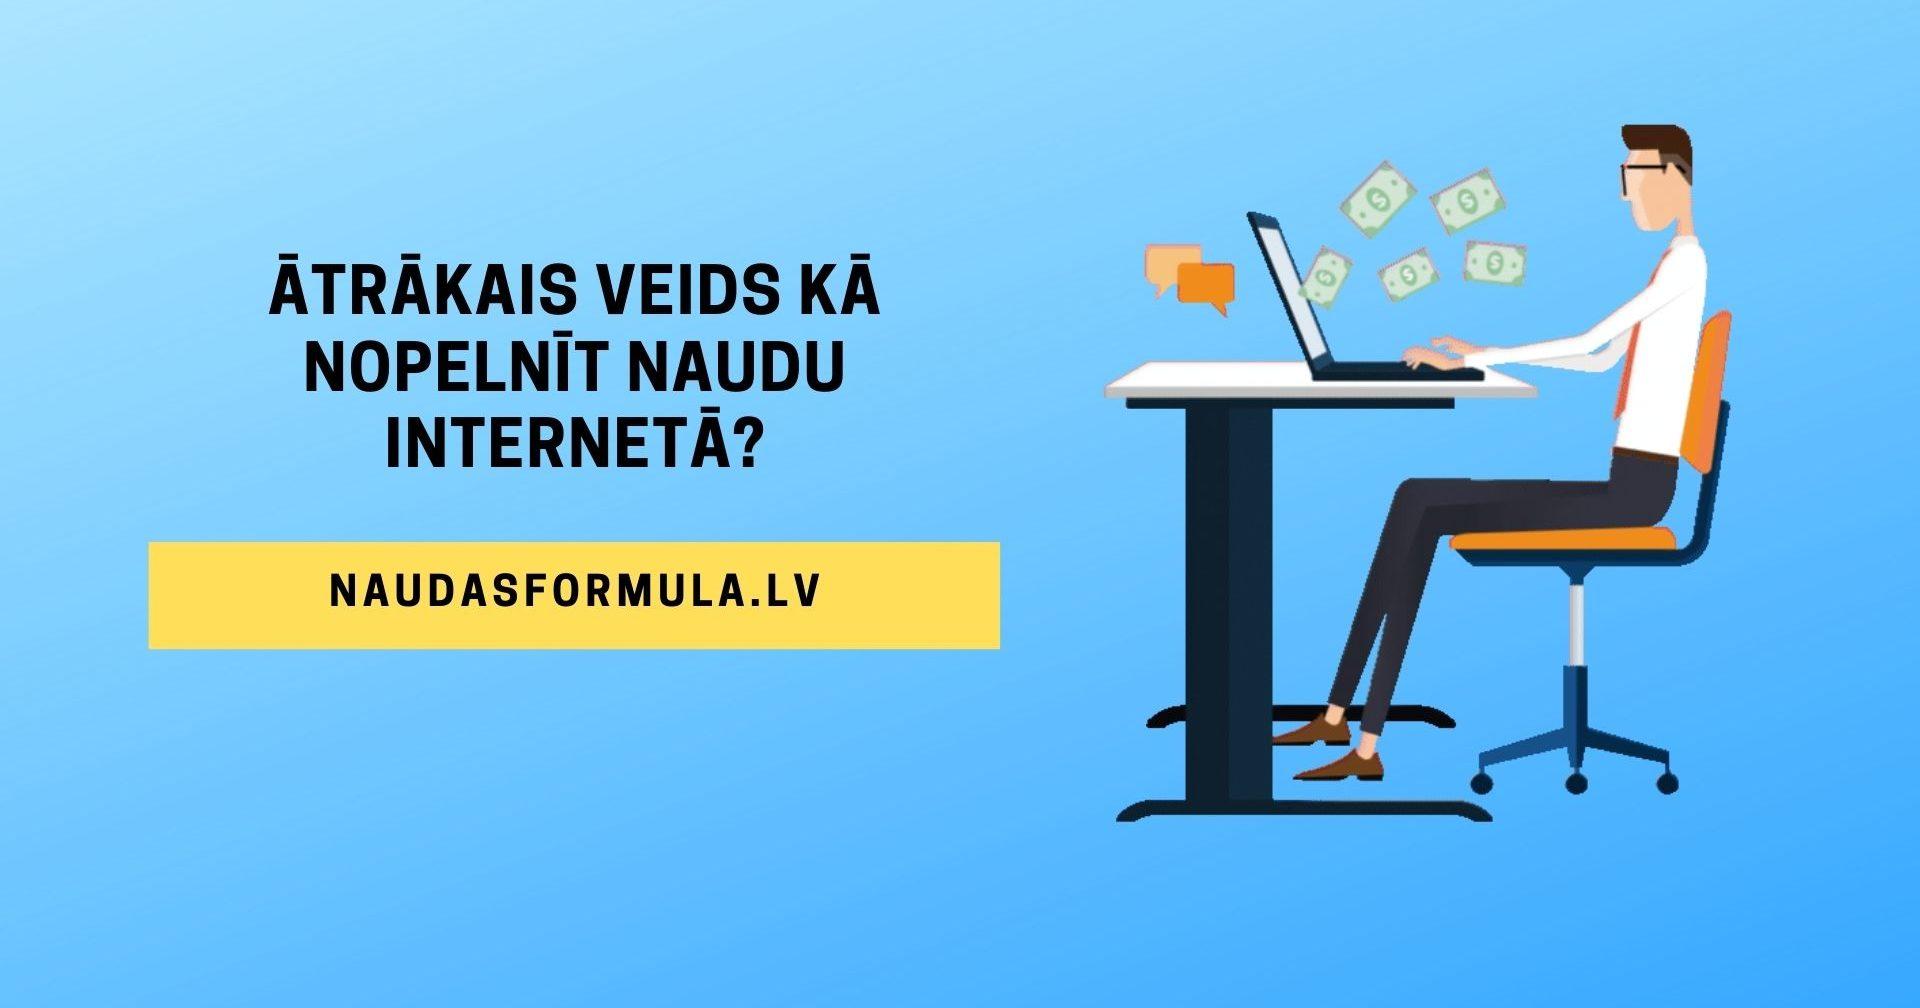 darbs internetā bez ieguldījumiem 45